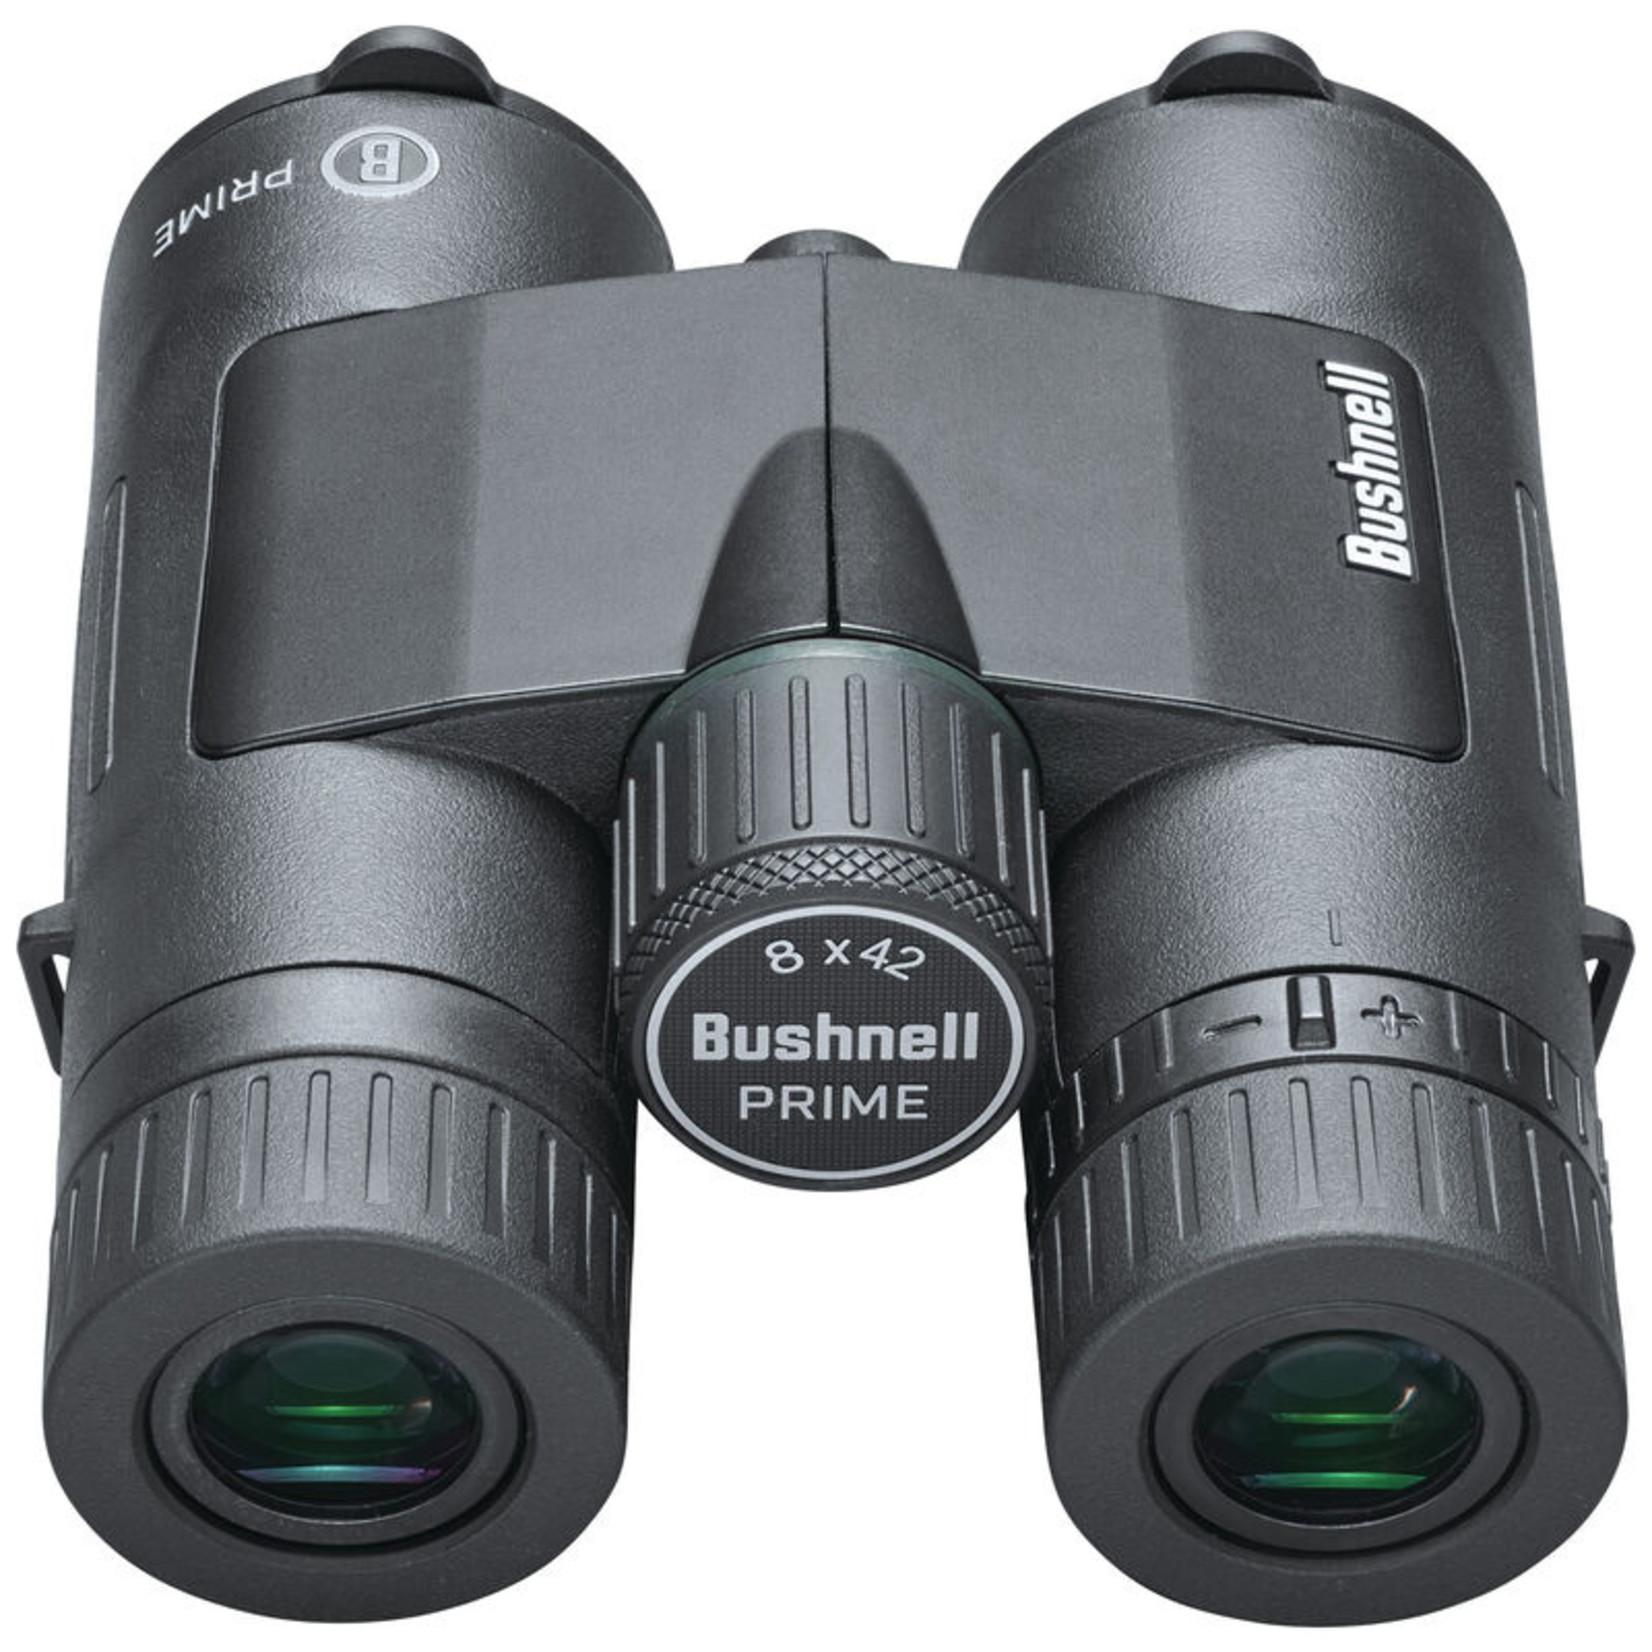 Bushnell Jumelles 8X42 Black Roof Prism Fmc, Wp/Fp, Twist-Up Eyecups